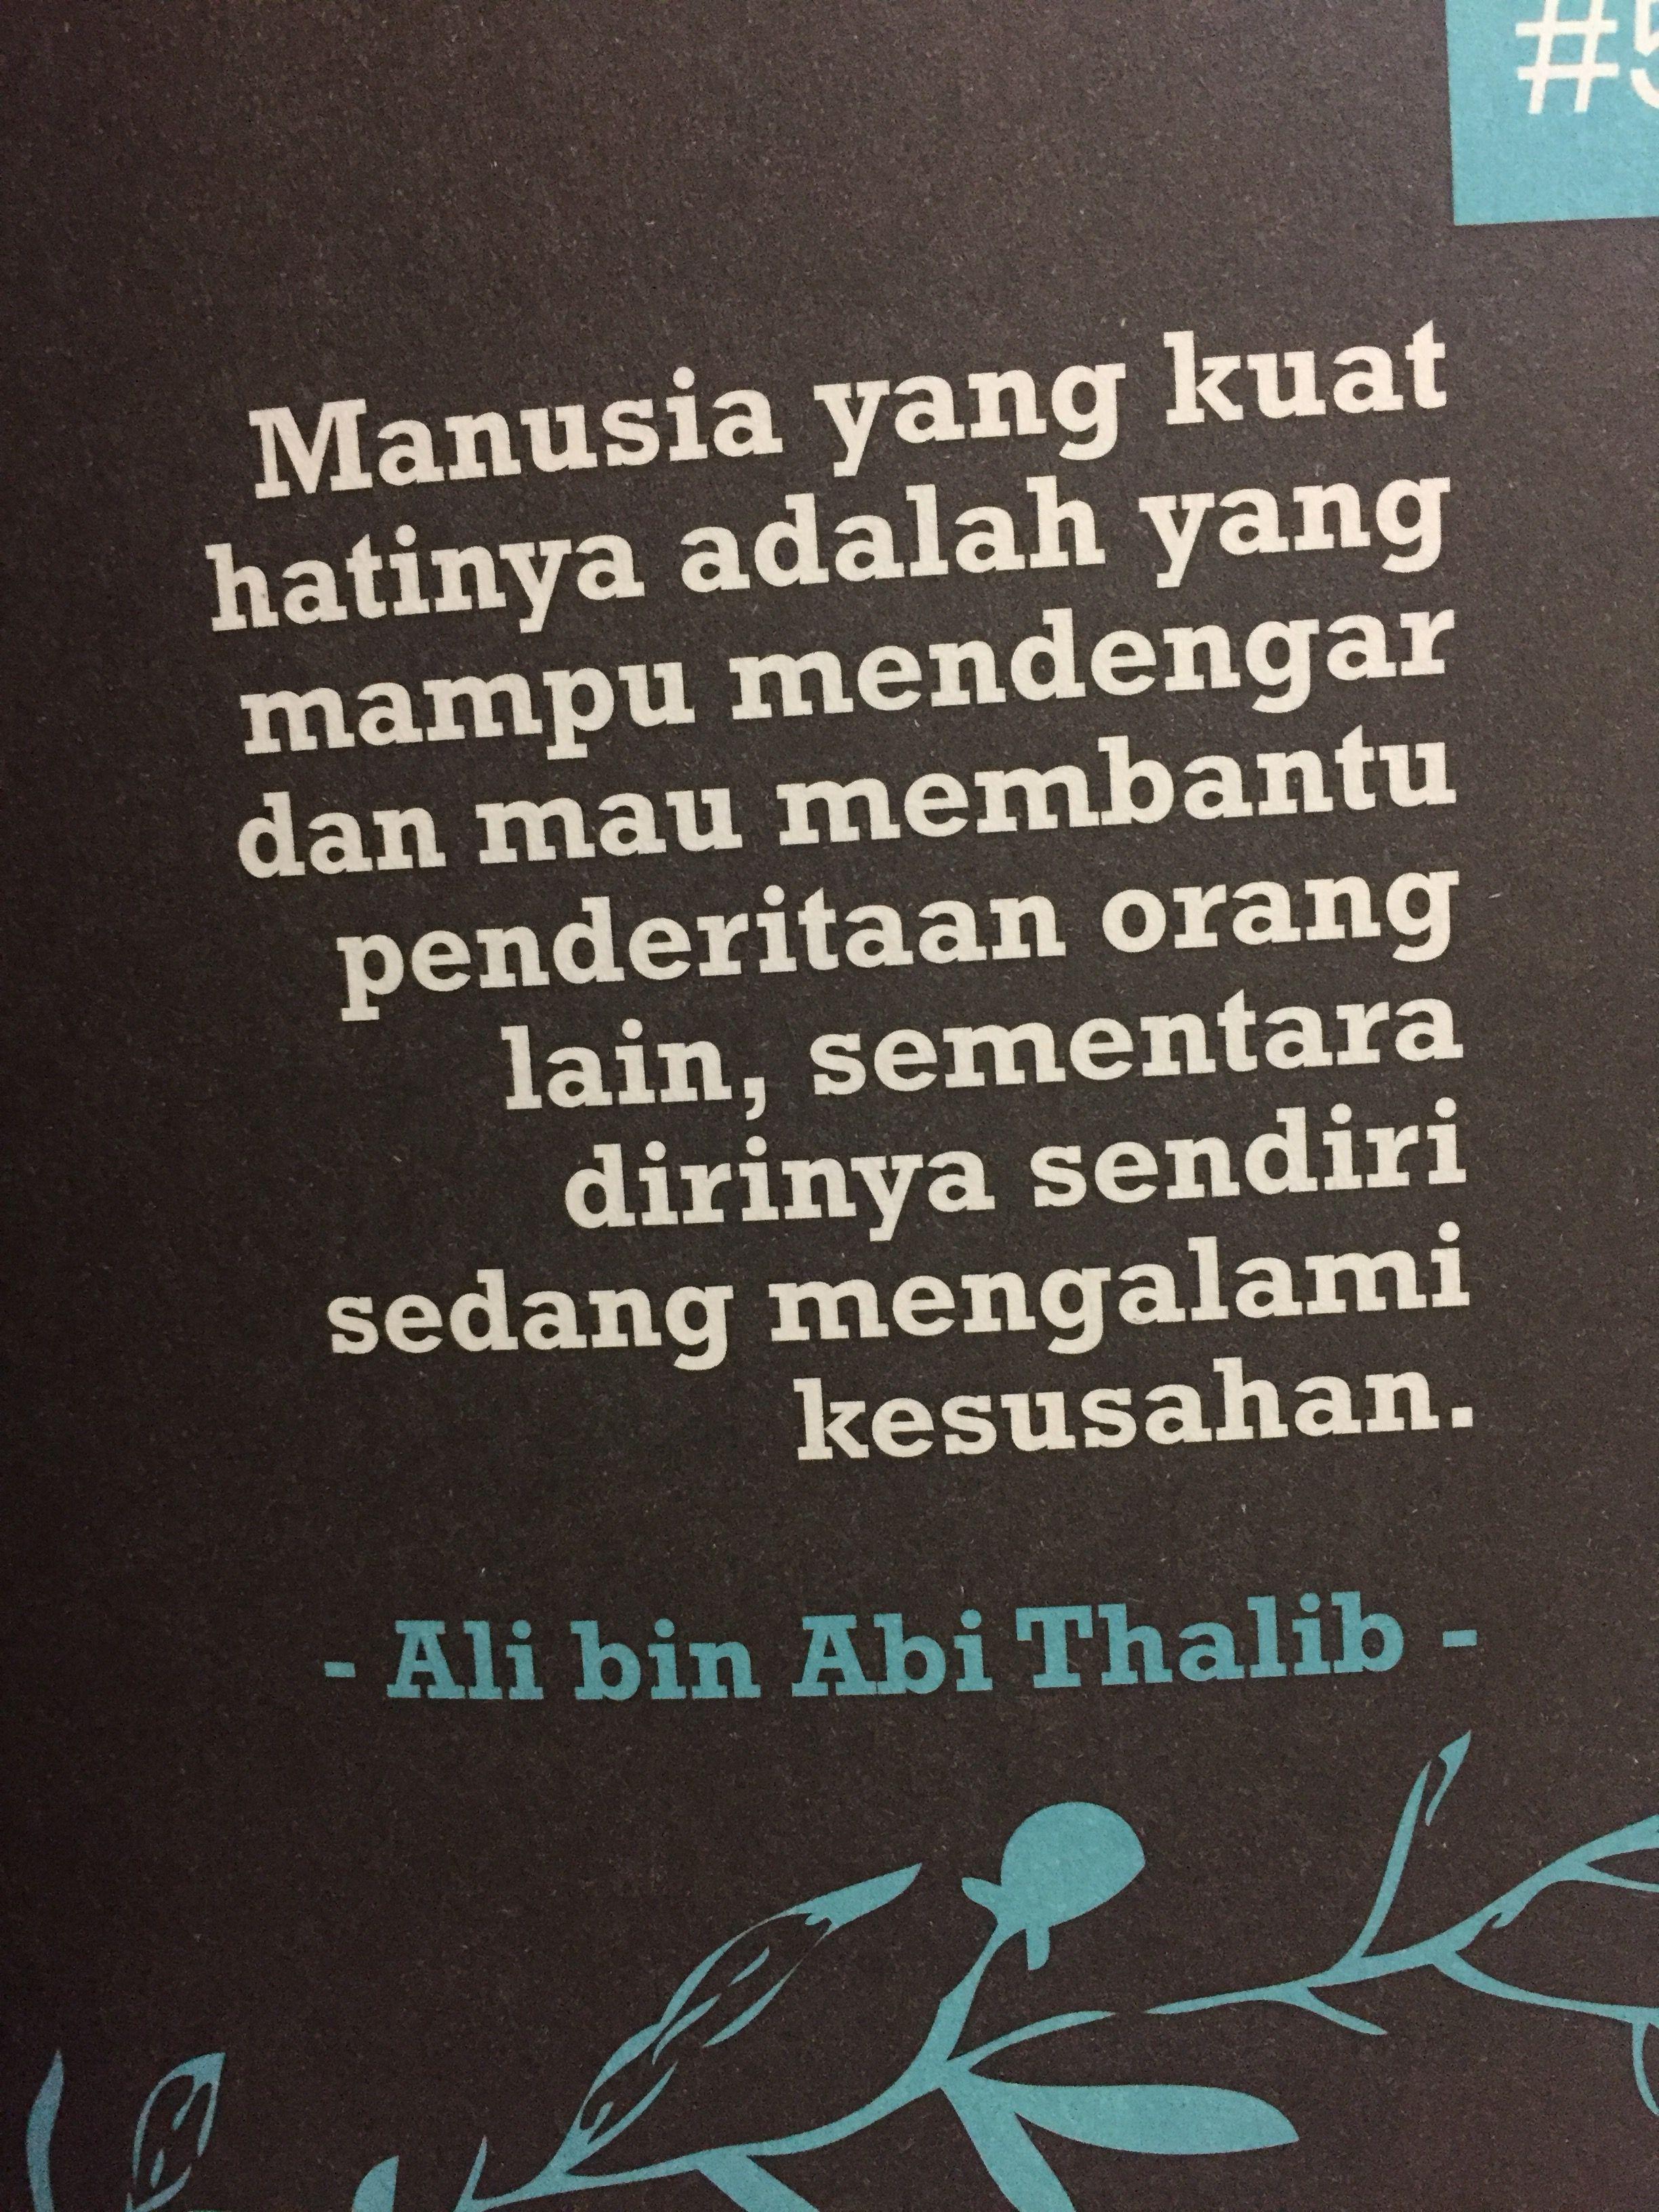 Jangan Mendebat Ibu Ali Bin Abi Thalib Dengan Gambar Kata